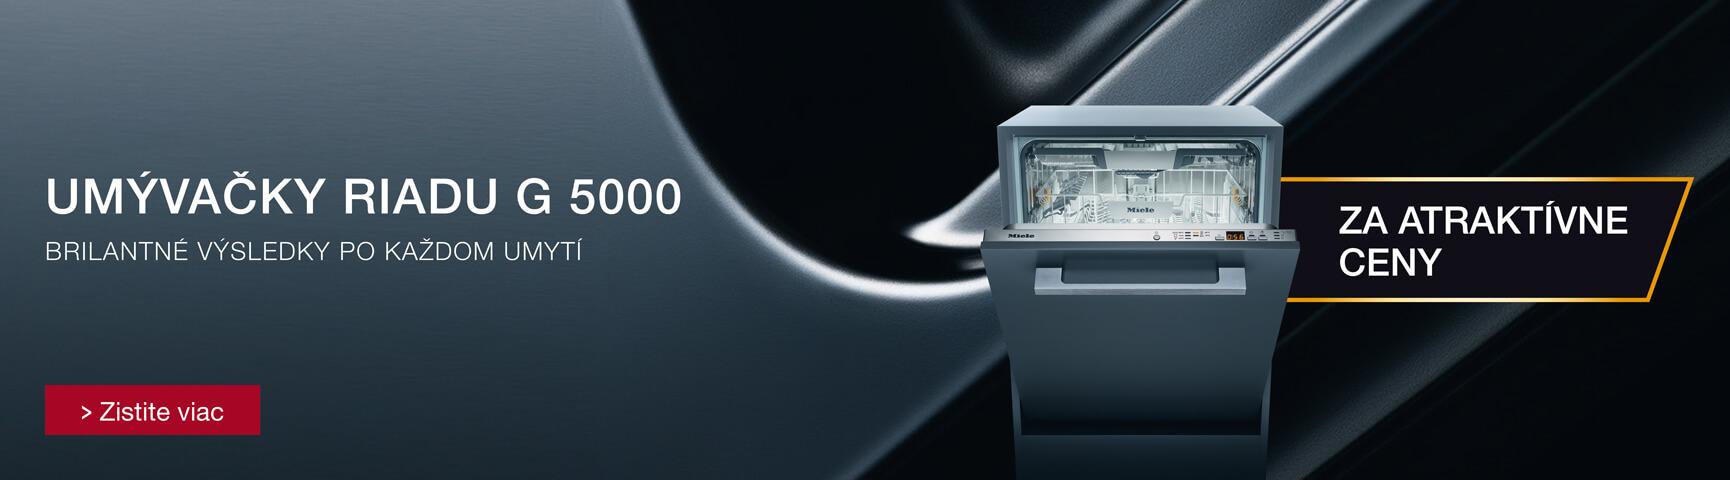 Umývačky riadu Miele G 5000